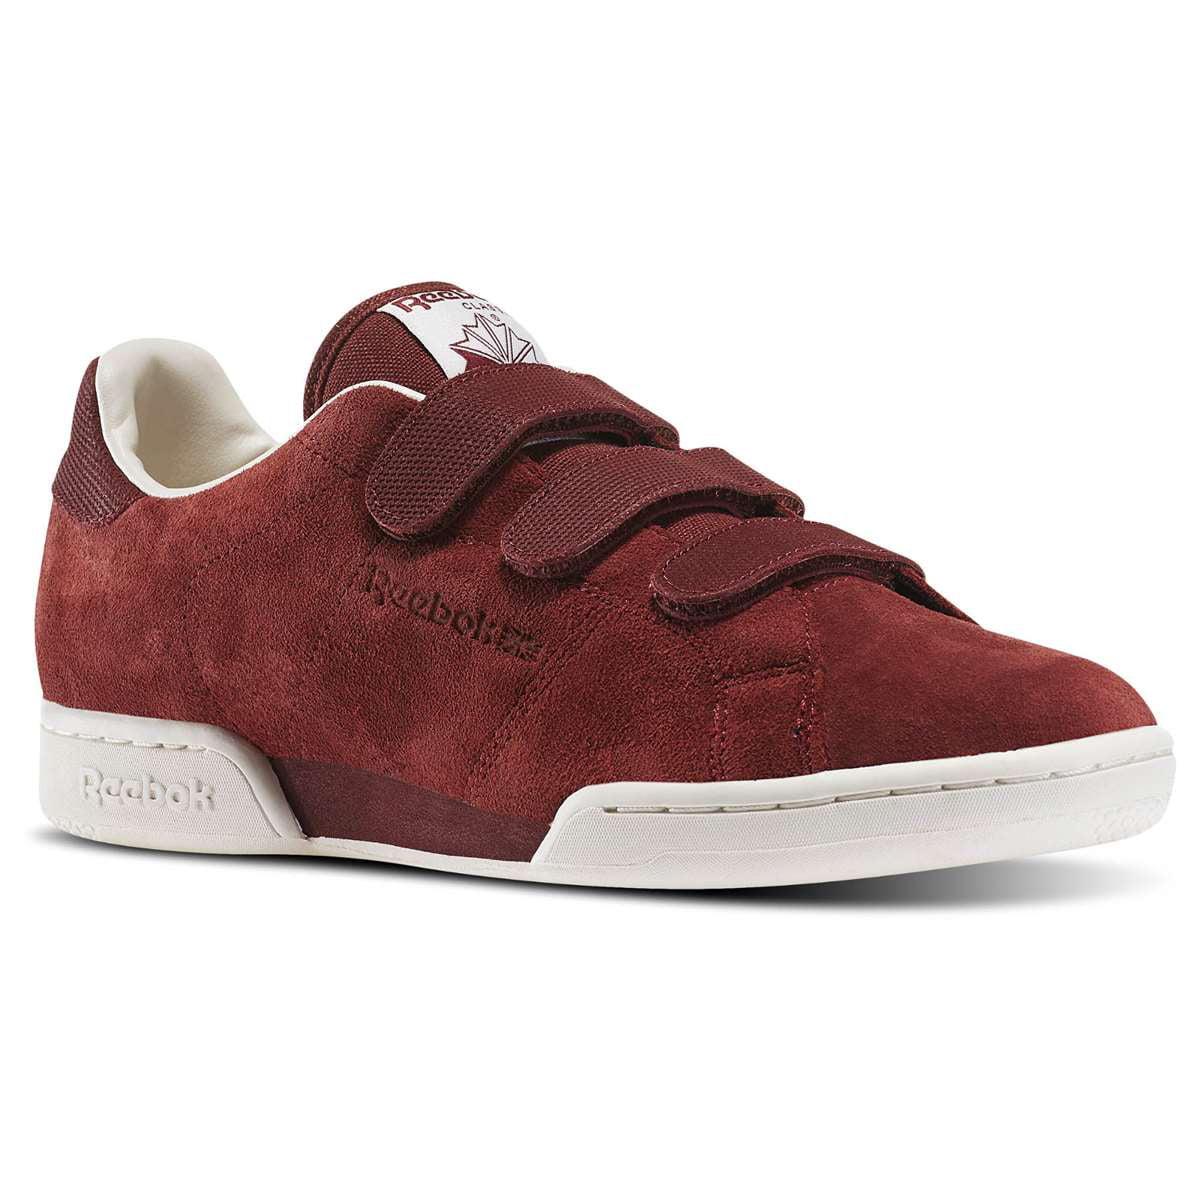 Reebok Men Npc Straps N Shoes